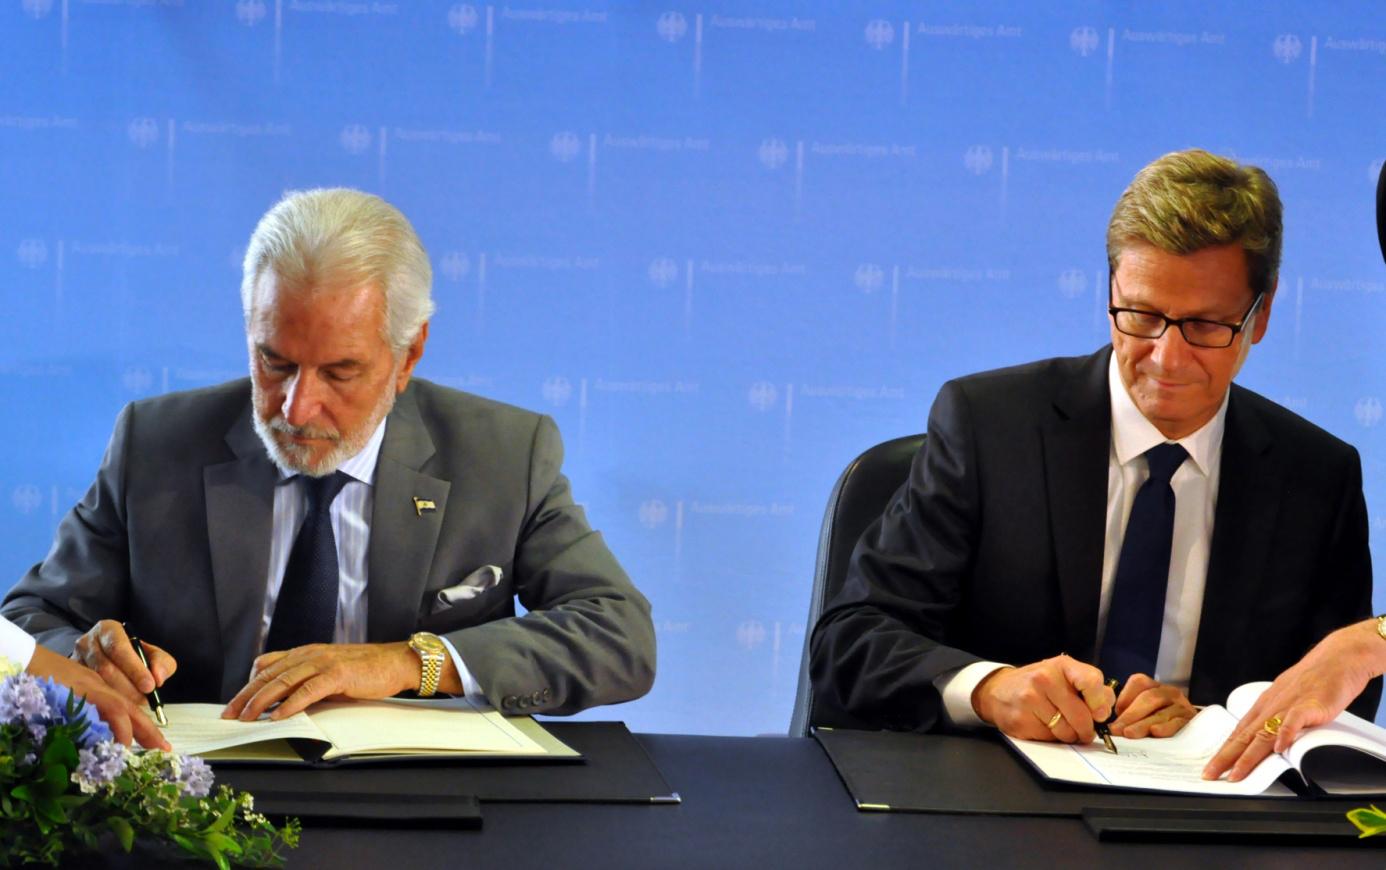 Nicaragua und Deutschland vertiefen ihre Beziehungen. Außenminister Samuel Santos unterzeichnet Abkommen mit Außenminister Guido Westerwelle